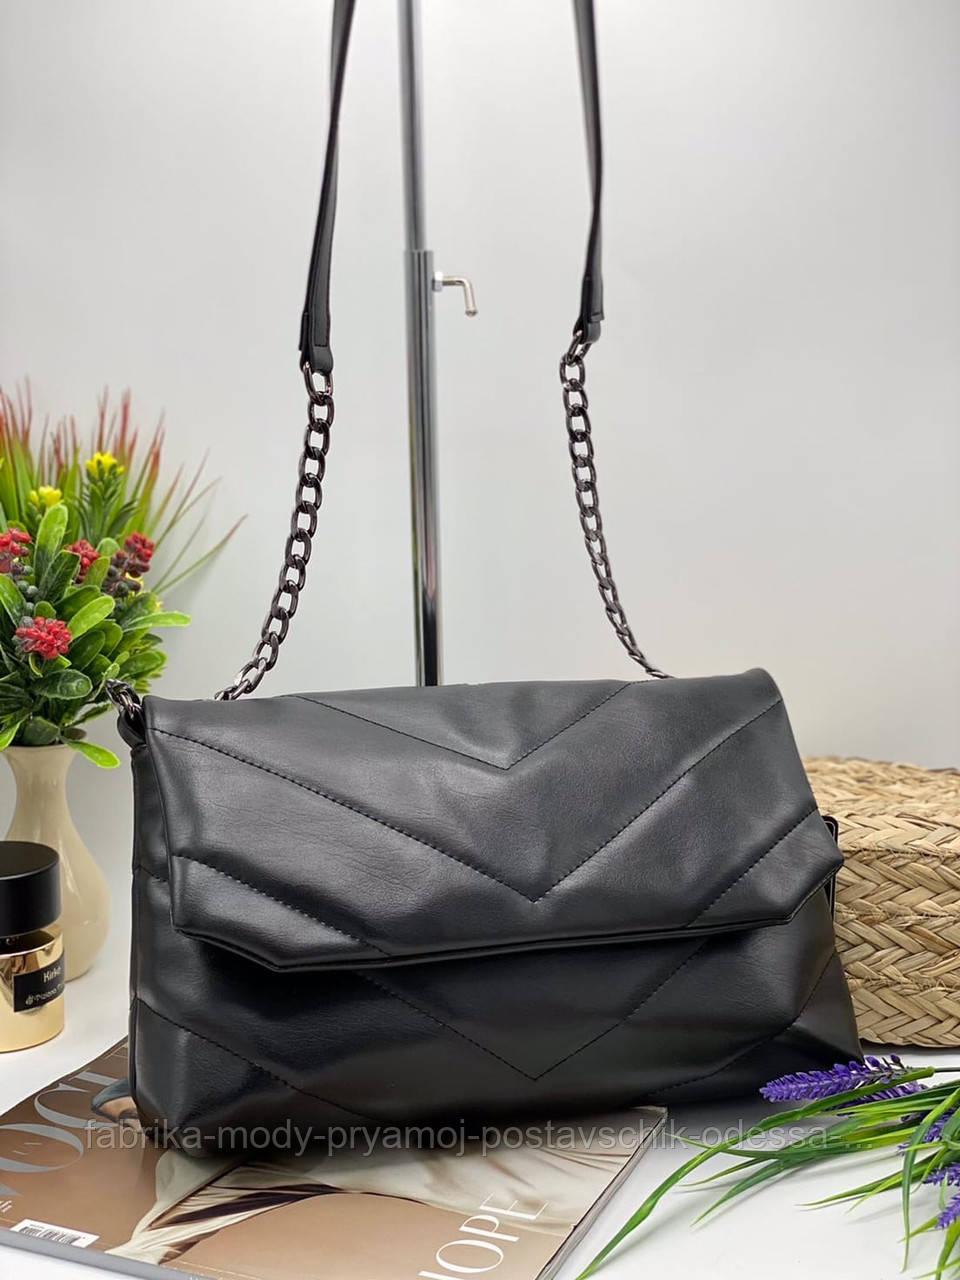 Женская  Сумка кросс-боди Модель - 12-20 Фото реал Материал - PU (экокожа)